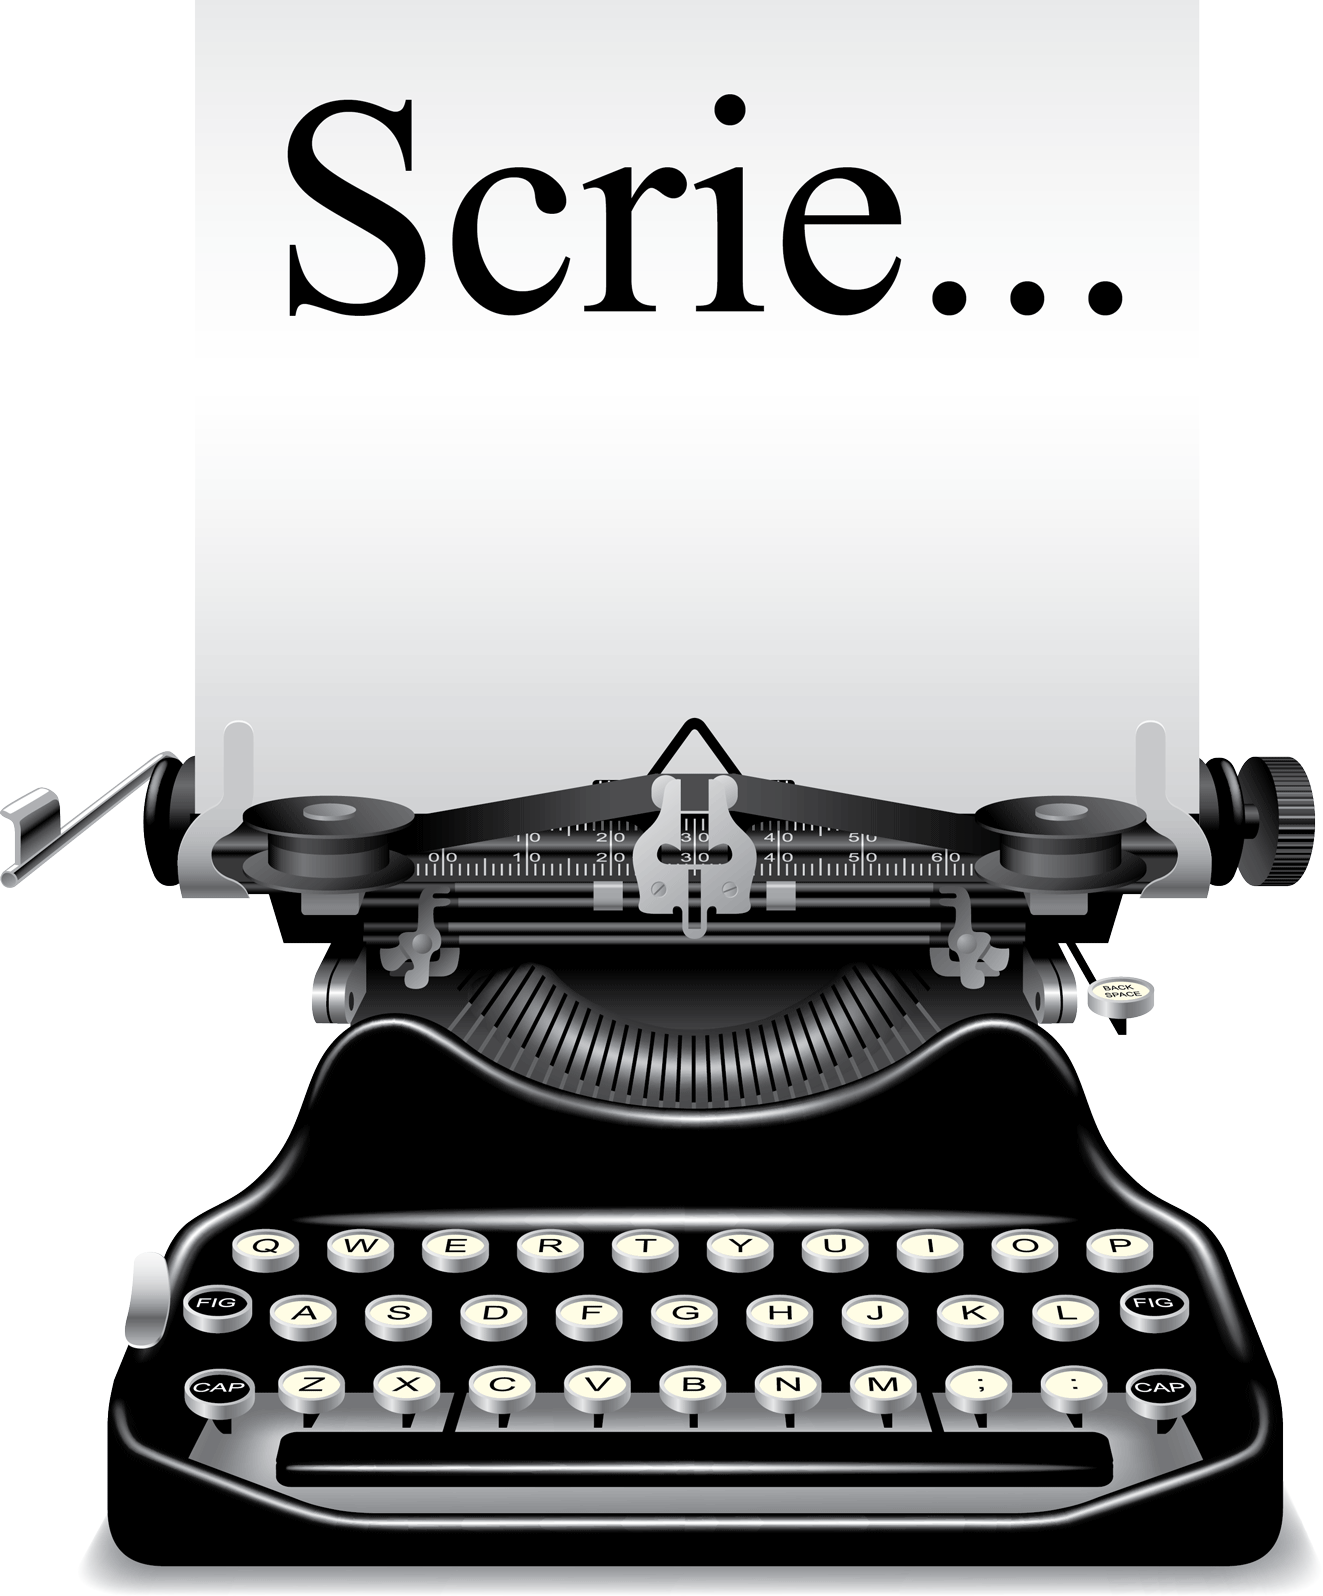 scrie-s